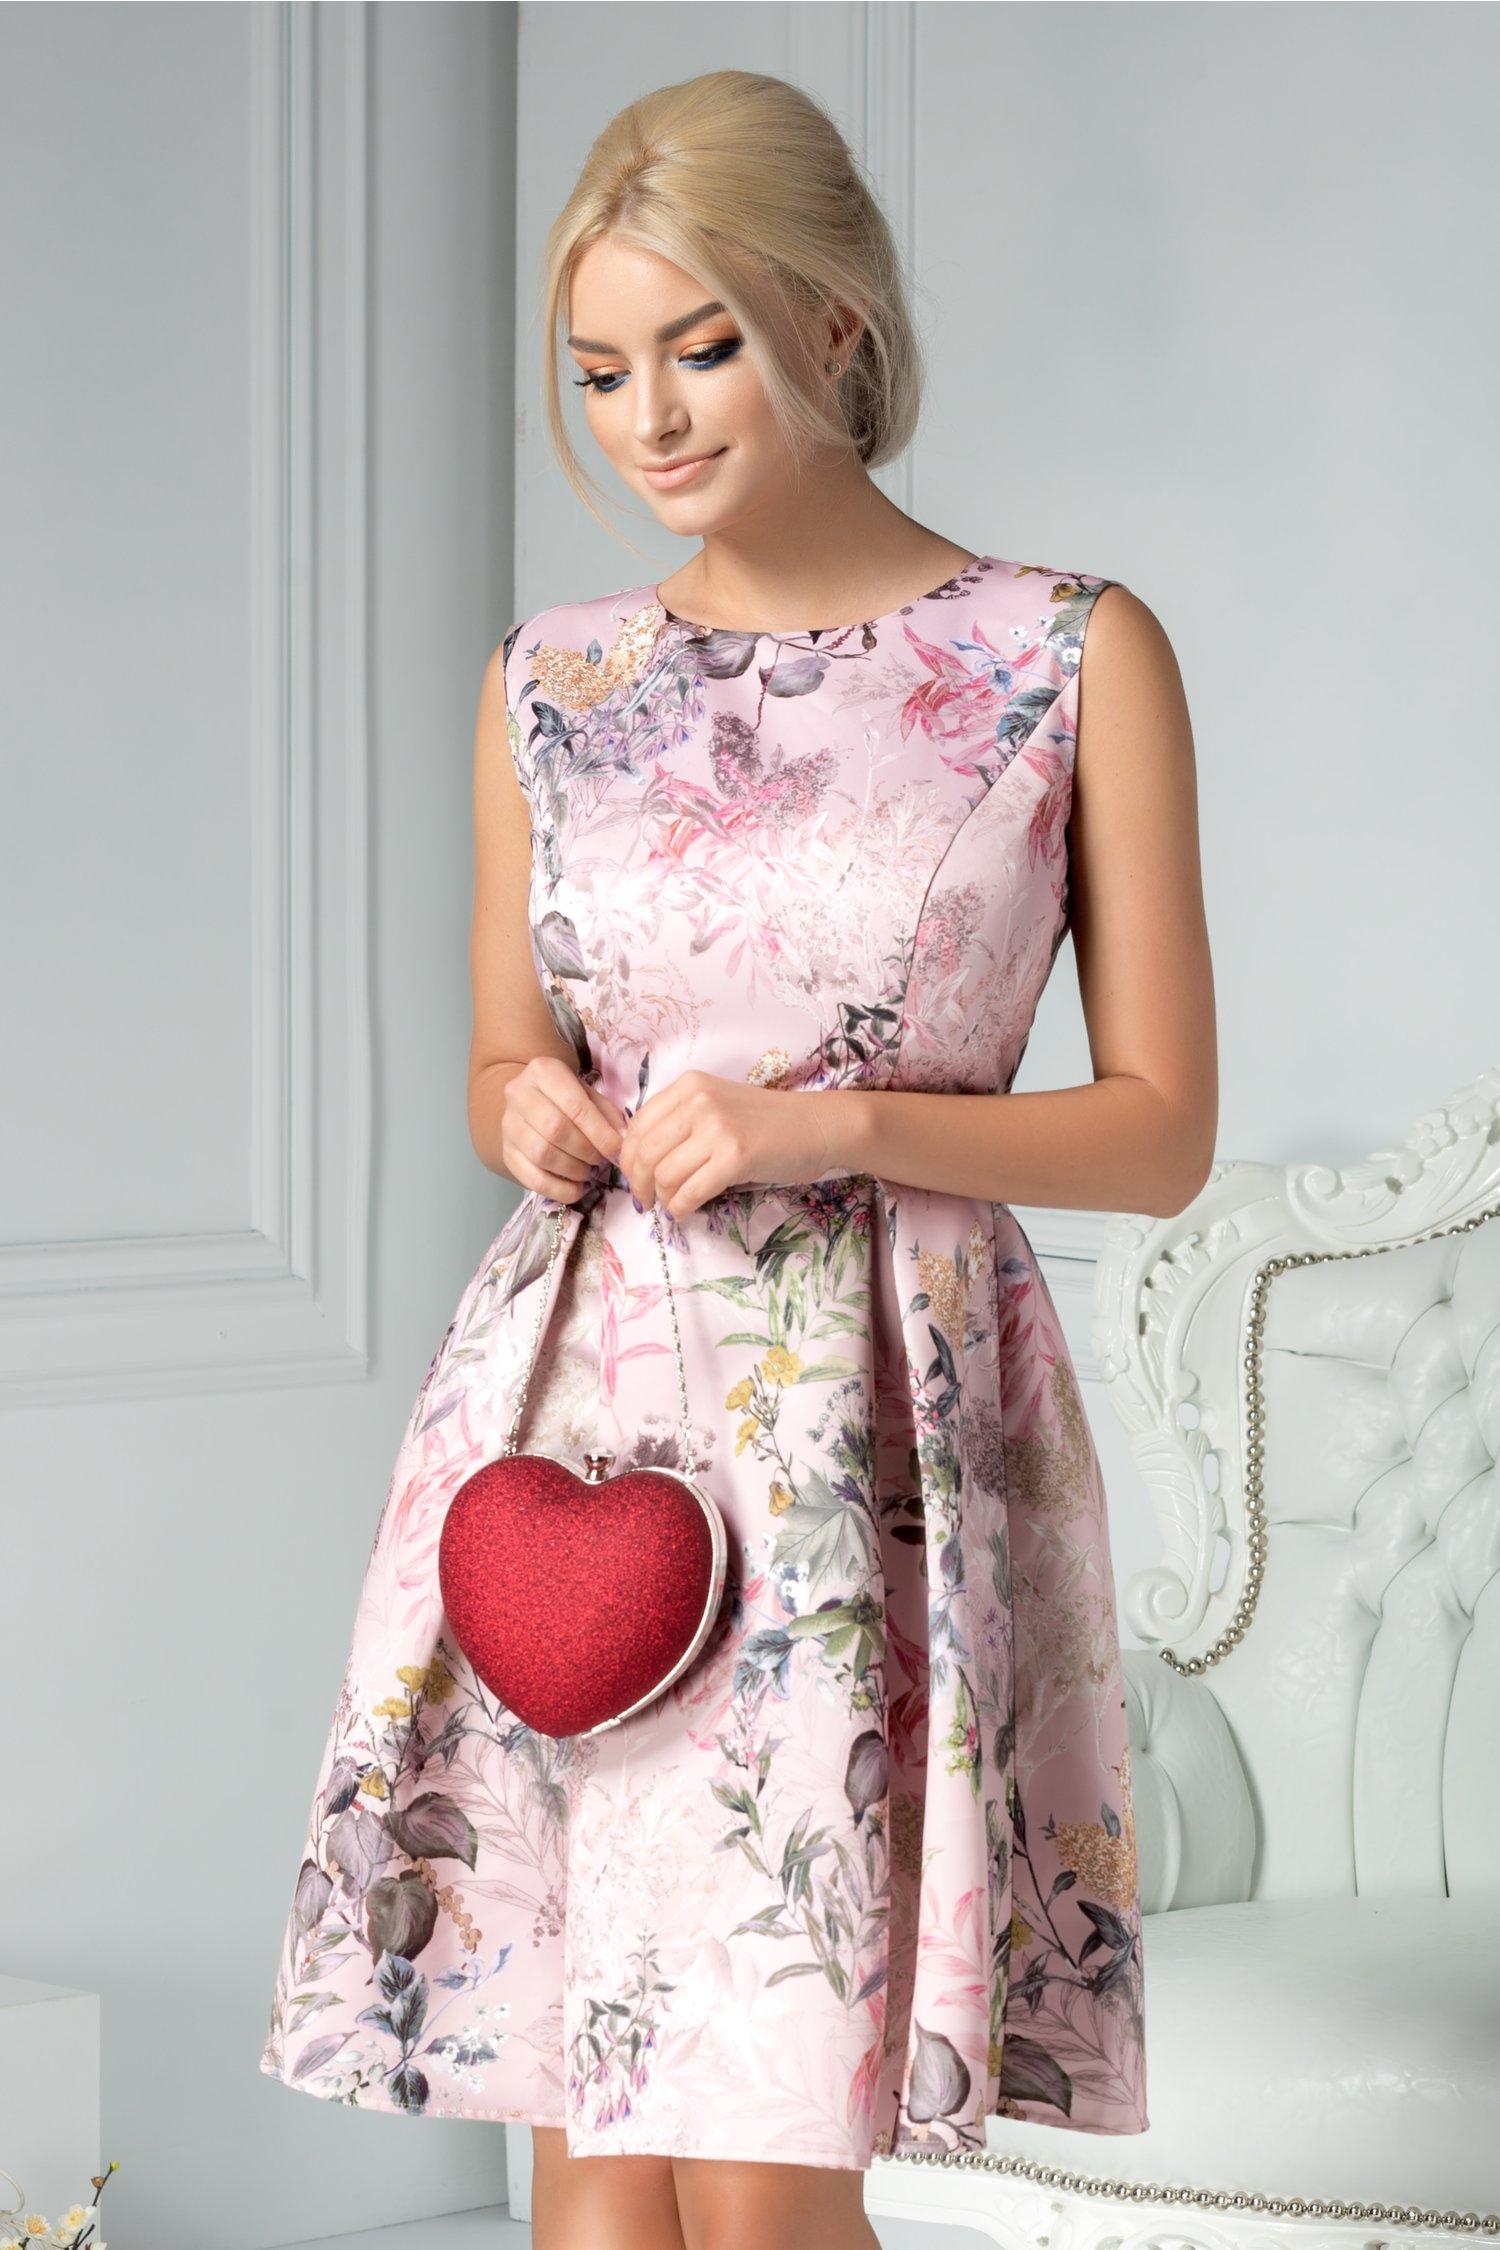 Rochie Brise Lidia roz cu imprimeu floral deosebit